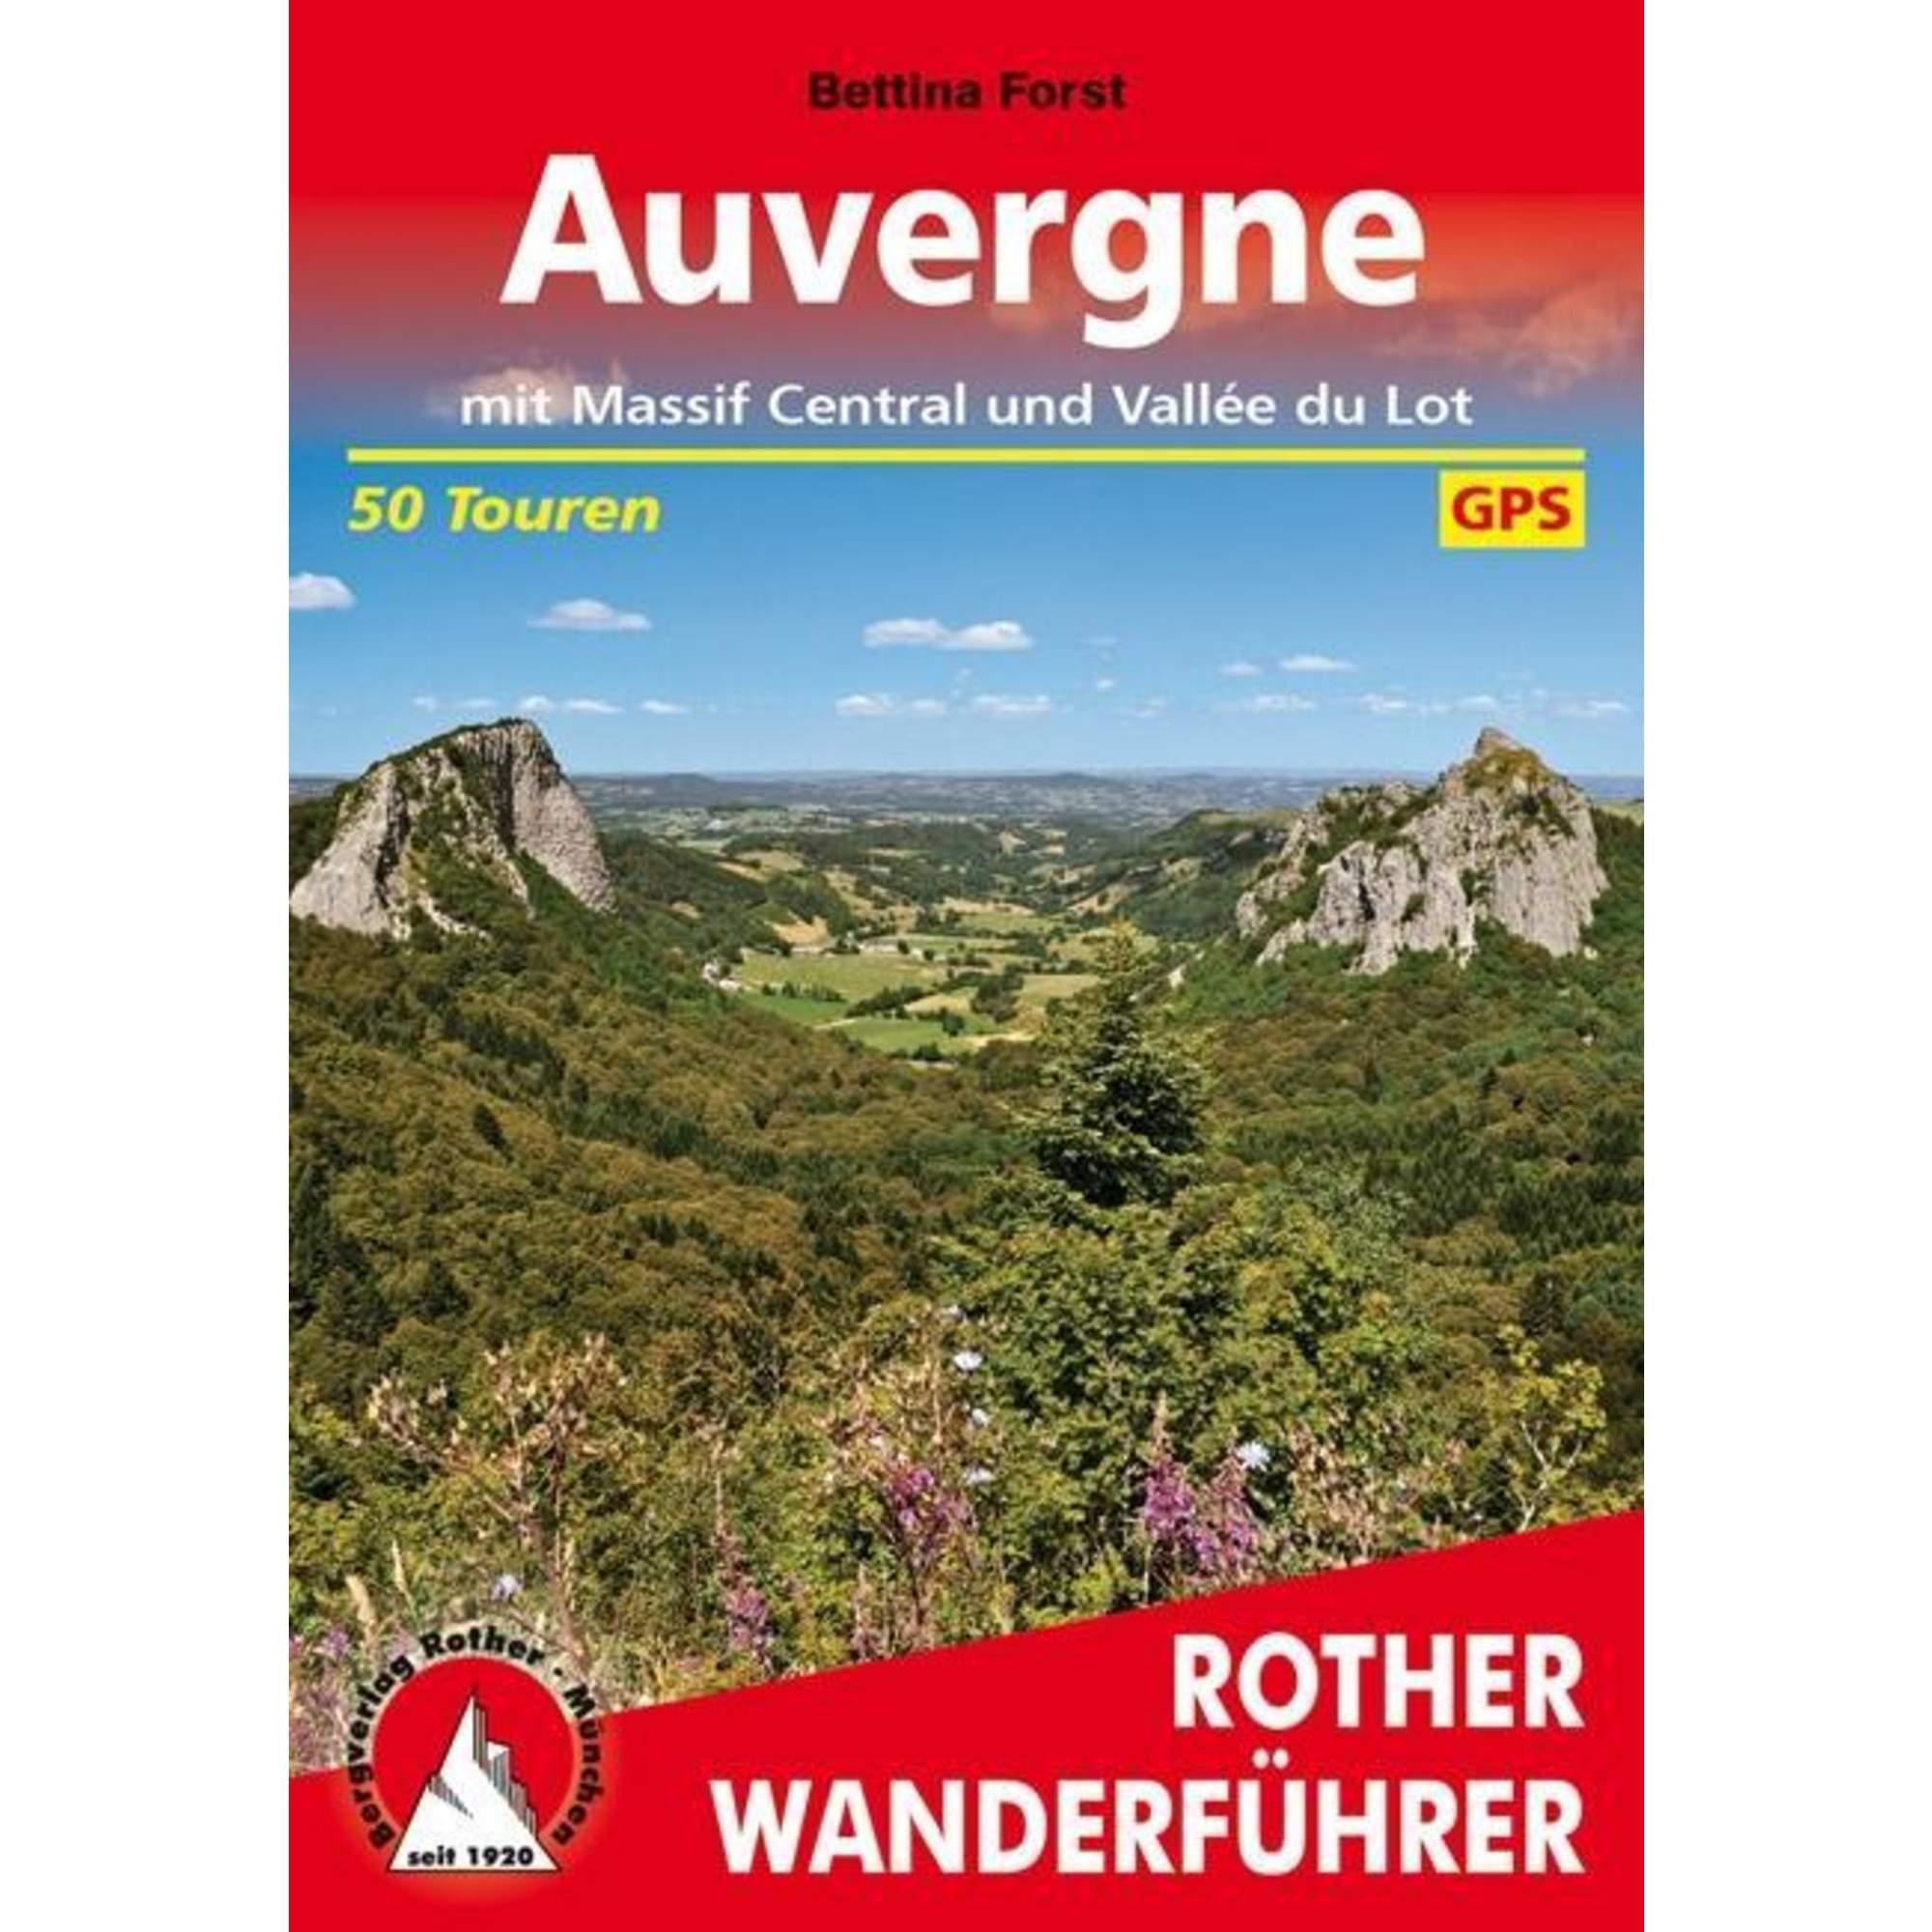 Auvergne, 14,90 Euro